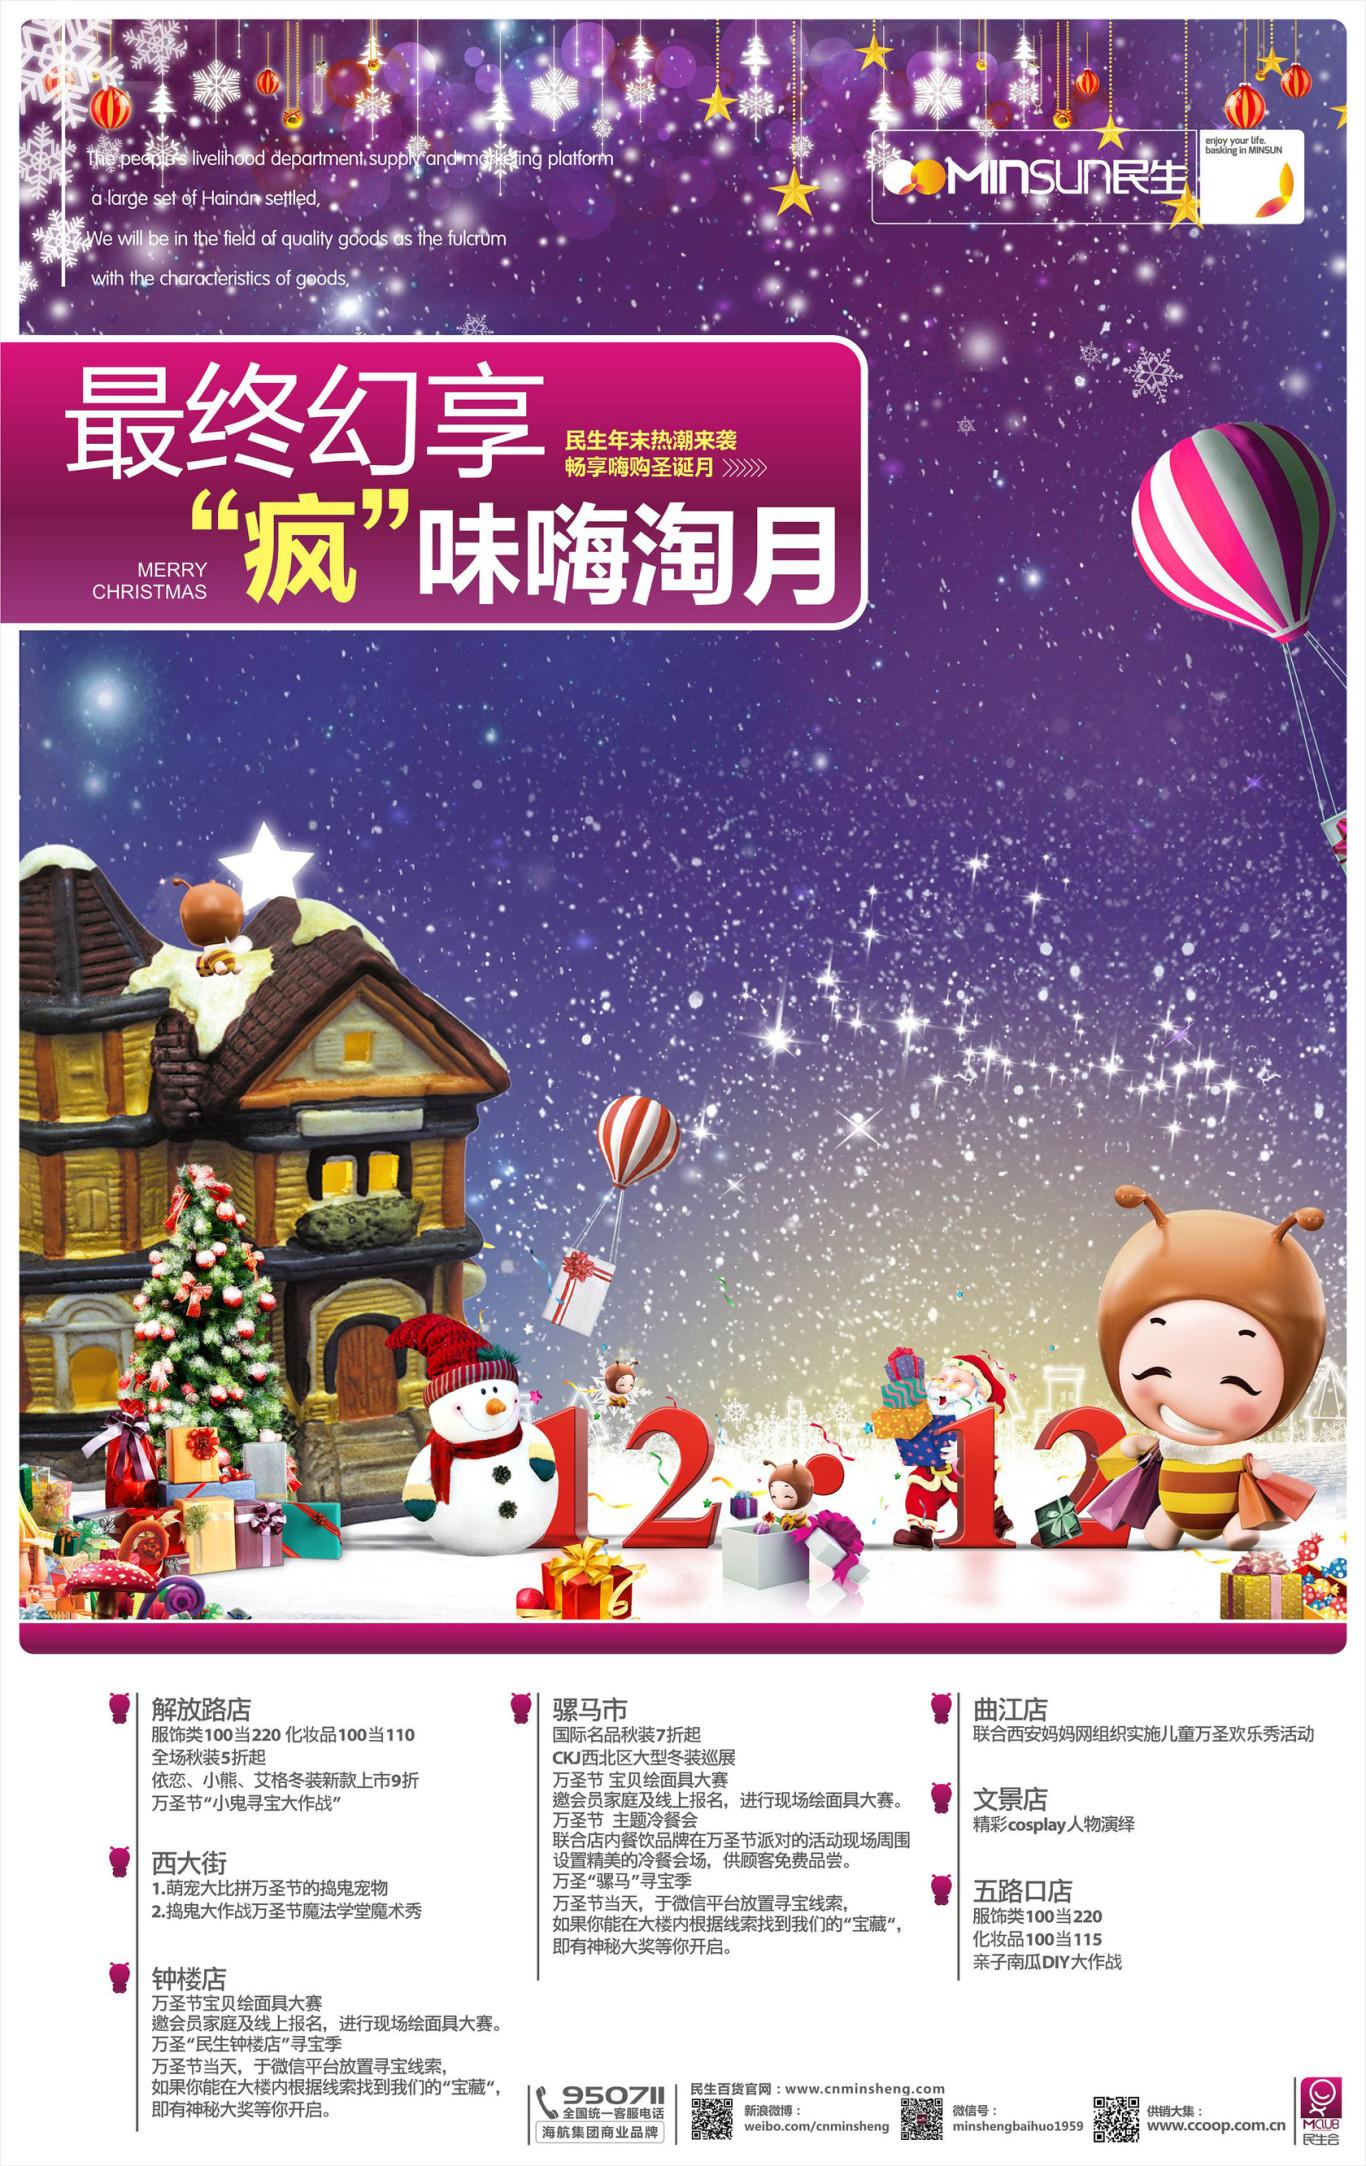 民生百货品牌推广图14